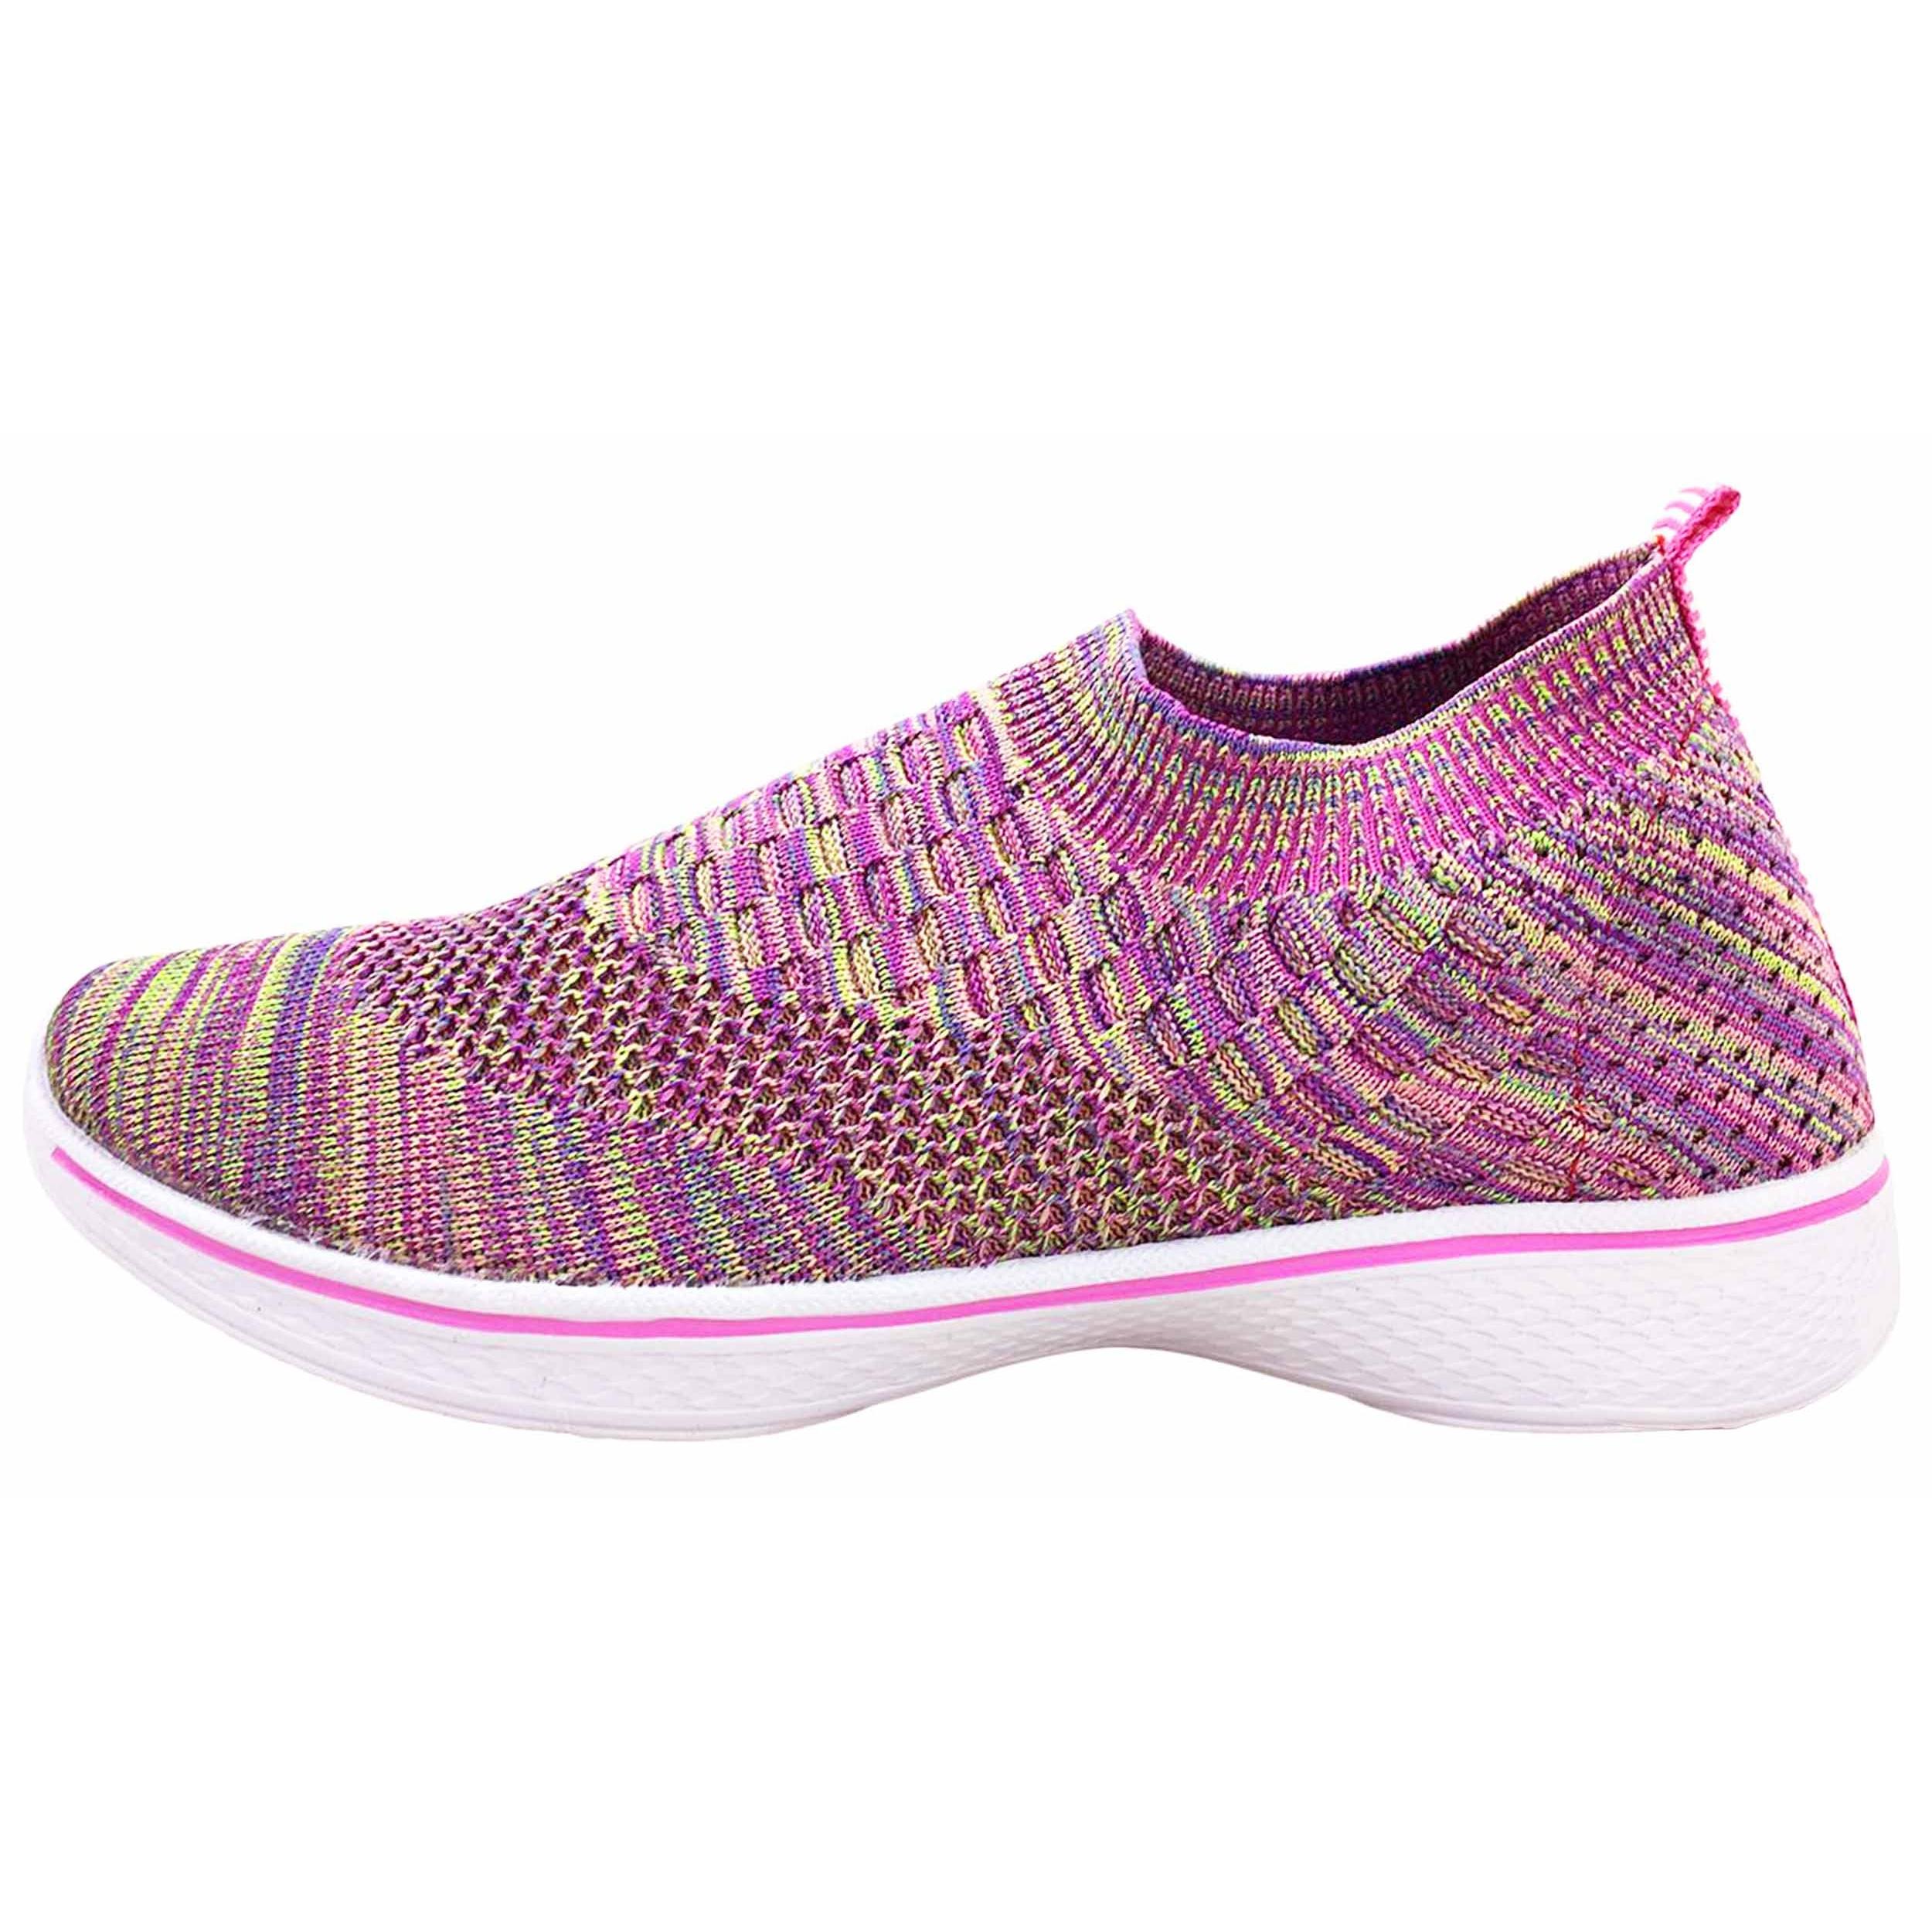 کفش مخصوص پیاده روی زنانه نسیم مدل پاریس میانه کد W3052              خرید